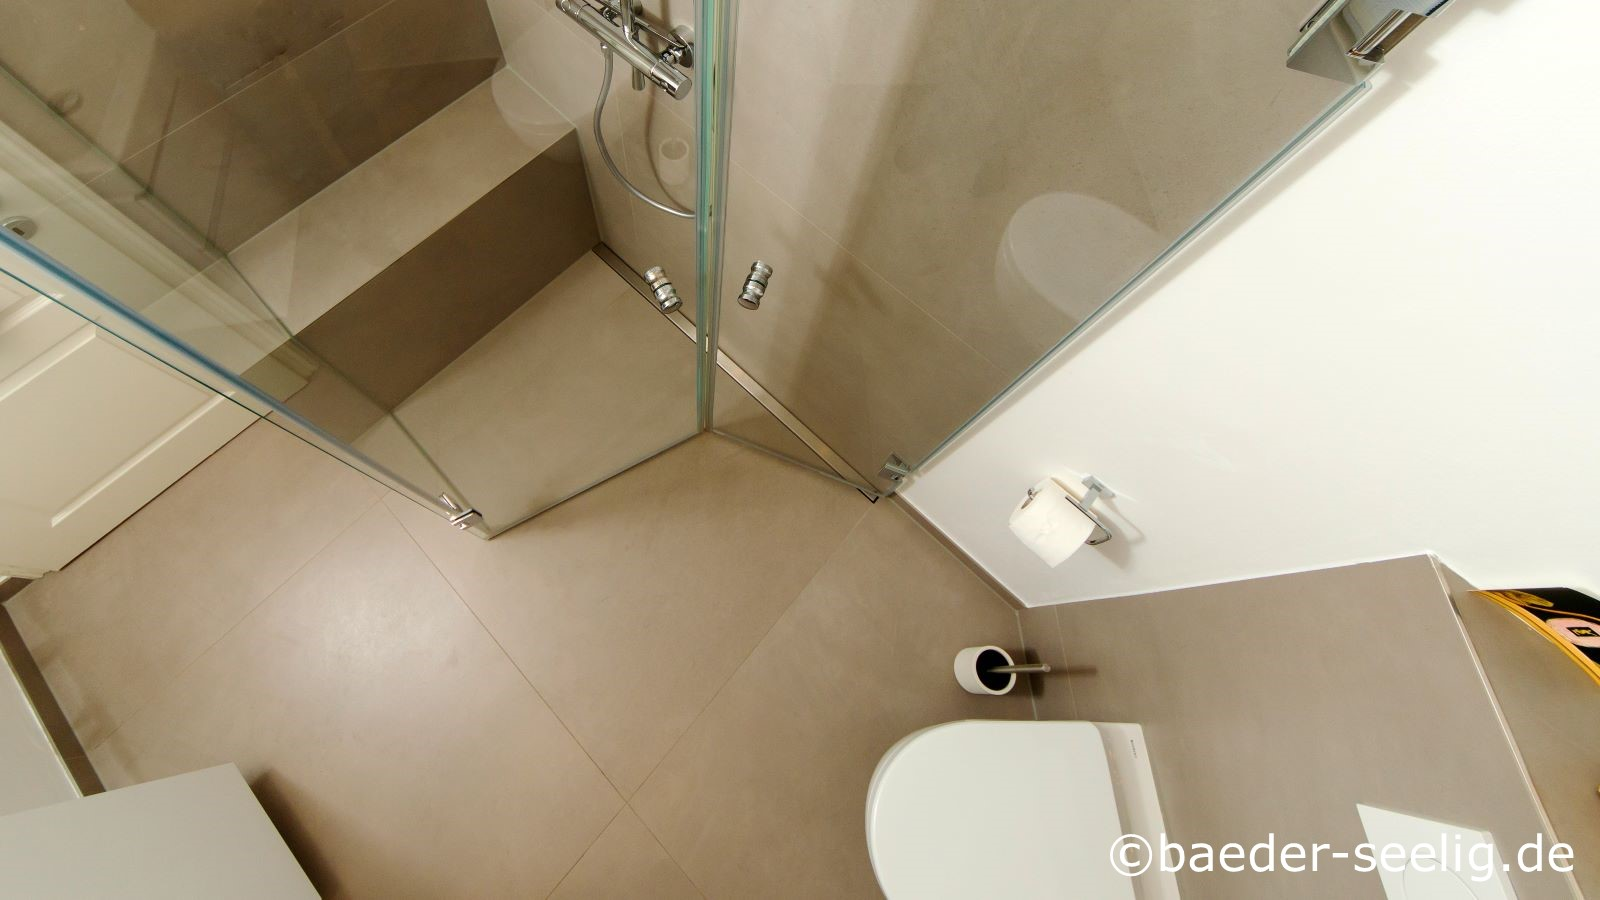 Aus der vogelperspektive sieht man auf diesem foto eine geraeumige duschkabine in einem kleinen bad. Die glasduschtueren sind beide eingeklappt und lassen so viel bewegungsfreiheit im kleinen bad, waehrend die duschkabine nicht genutzt wird.  Rechts vorne ist das wc in der ecke montiert. Die unauffaellige duschablaufrinne ist wandbuendig an der langen seite der dusche montiert. Sie ist ca. 120 cm lang. Es ist eine passgenaue massanfertigung der v4a edelstahl-duschrinne pro mit nur 40 mm einbauhoehe, die genau zwischen wand und glasduschtuer eingebaut ist. Die aufkantungen und seitlichen ausfuehrungen der duschrinne pro ermoeglichten eine sichere und einfache abdichtung, einfache herstellung des einseitigen gefaelleestrichs noch ueber den duschbereich hinaus bis zum wc und die einfache fliesenverlegung. Dieselbe warme, braune farbe der xxl fliesen ist an der wand und auf dem boden verlegt. Das kleine bad wirkt so ruhig und gross, auch konnte die dusche gut in den kleinen raum integriert werden. Durch die wenigen fugen und die hochwertige badausstattung ist das bad auesserst pflegeleicht und langlebig.